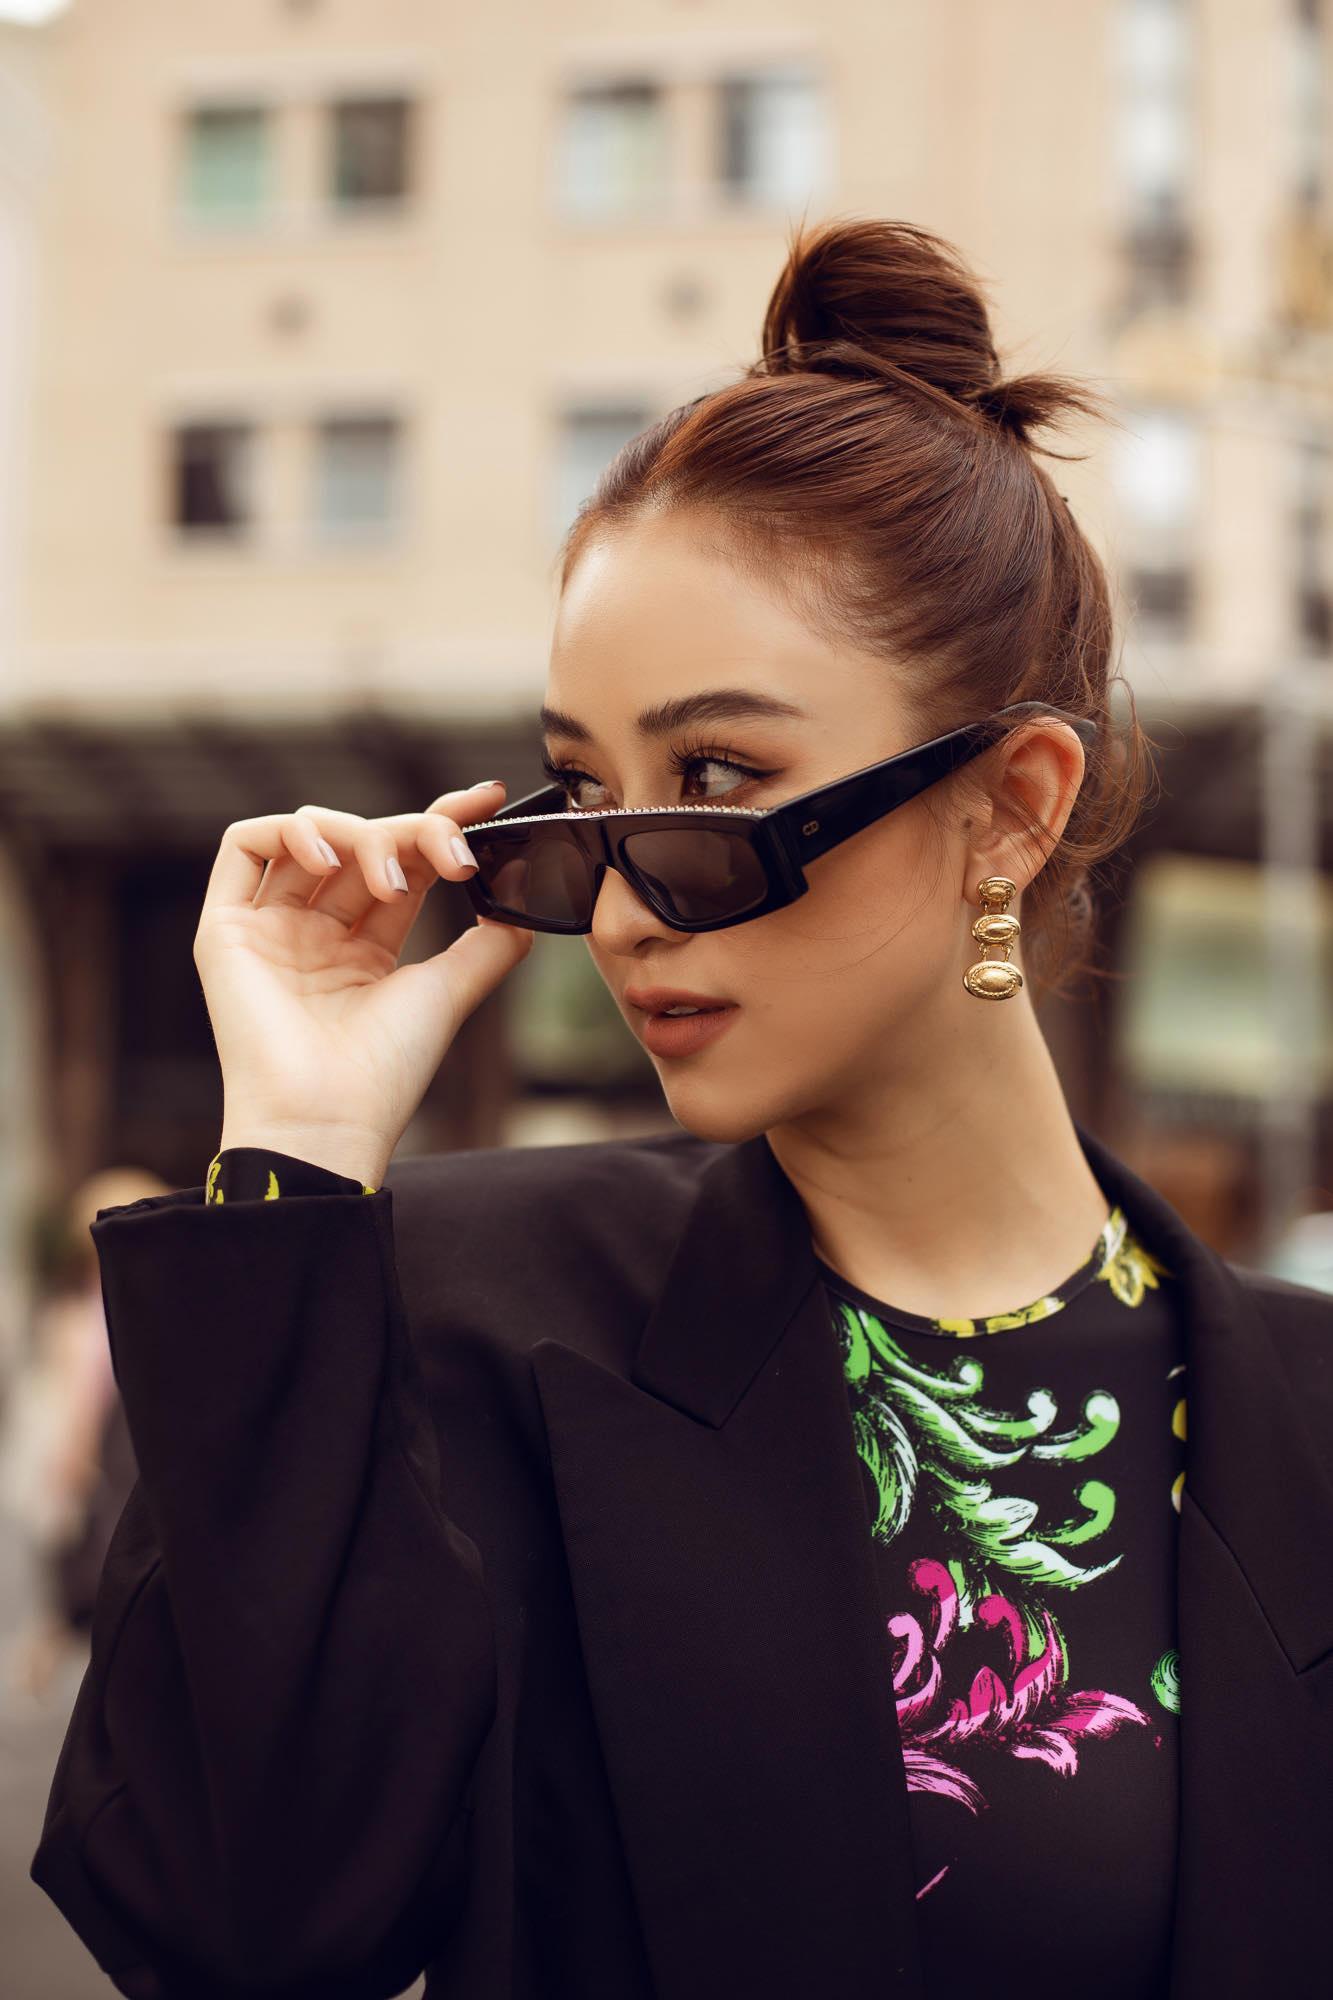 Cô chọn kiểu tóc bới cao, trang điểm tông nâu nhẹ nhàng. Đặc biệt, điểm nhấn bộ của trang phục nằm ở họa tiết màu sắc tạo nét chấm phá cực mạnh cho người nhìn. Đây được xem là cách phối đồ kinh điển chauw bao giờ làm các tín đồ thời trang thất vọng.